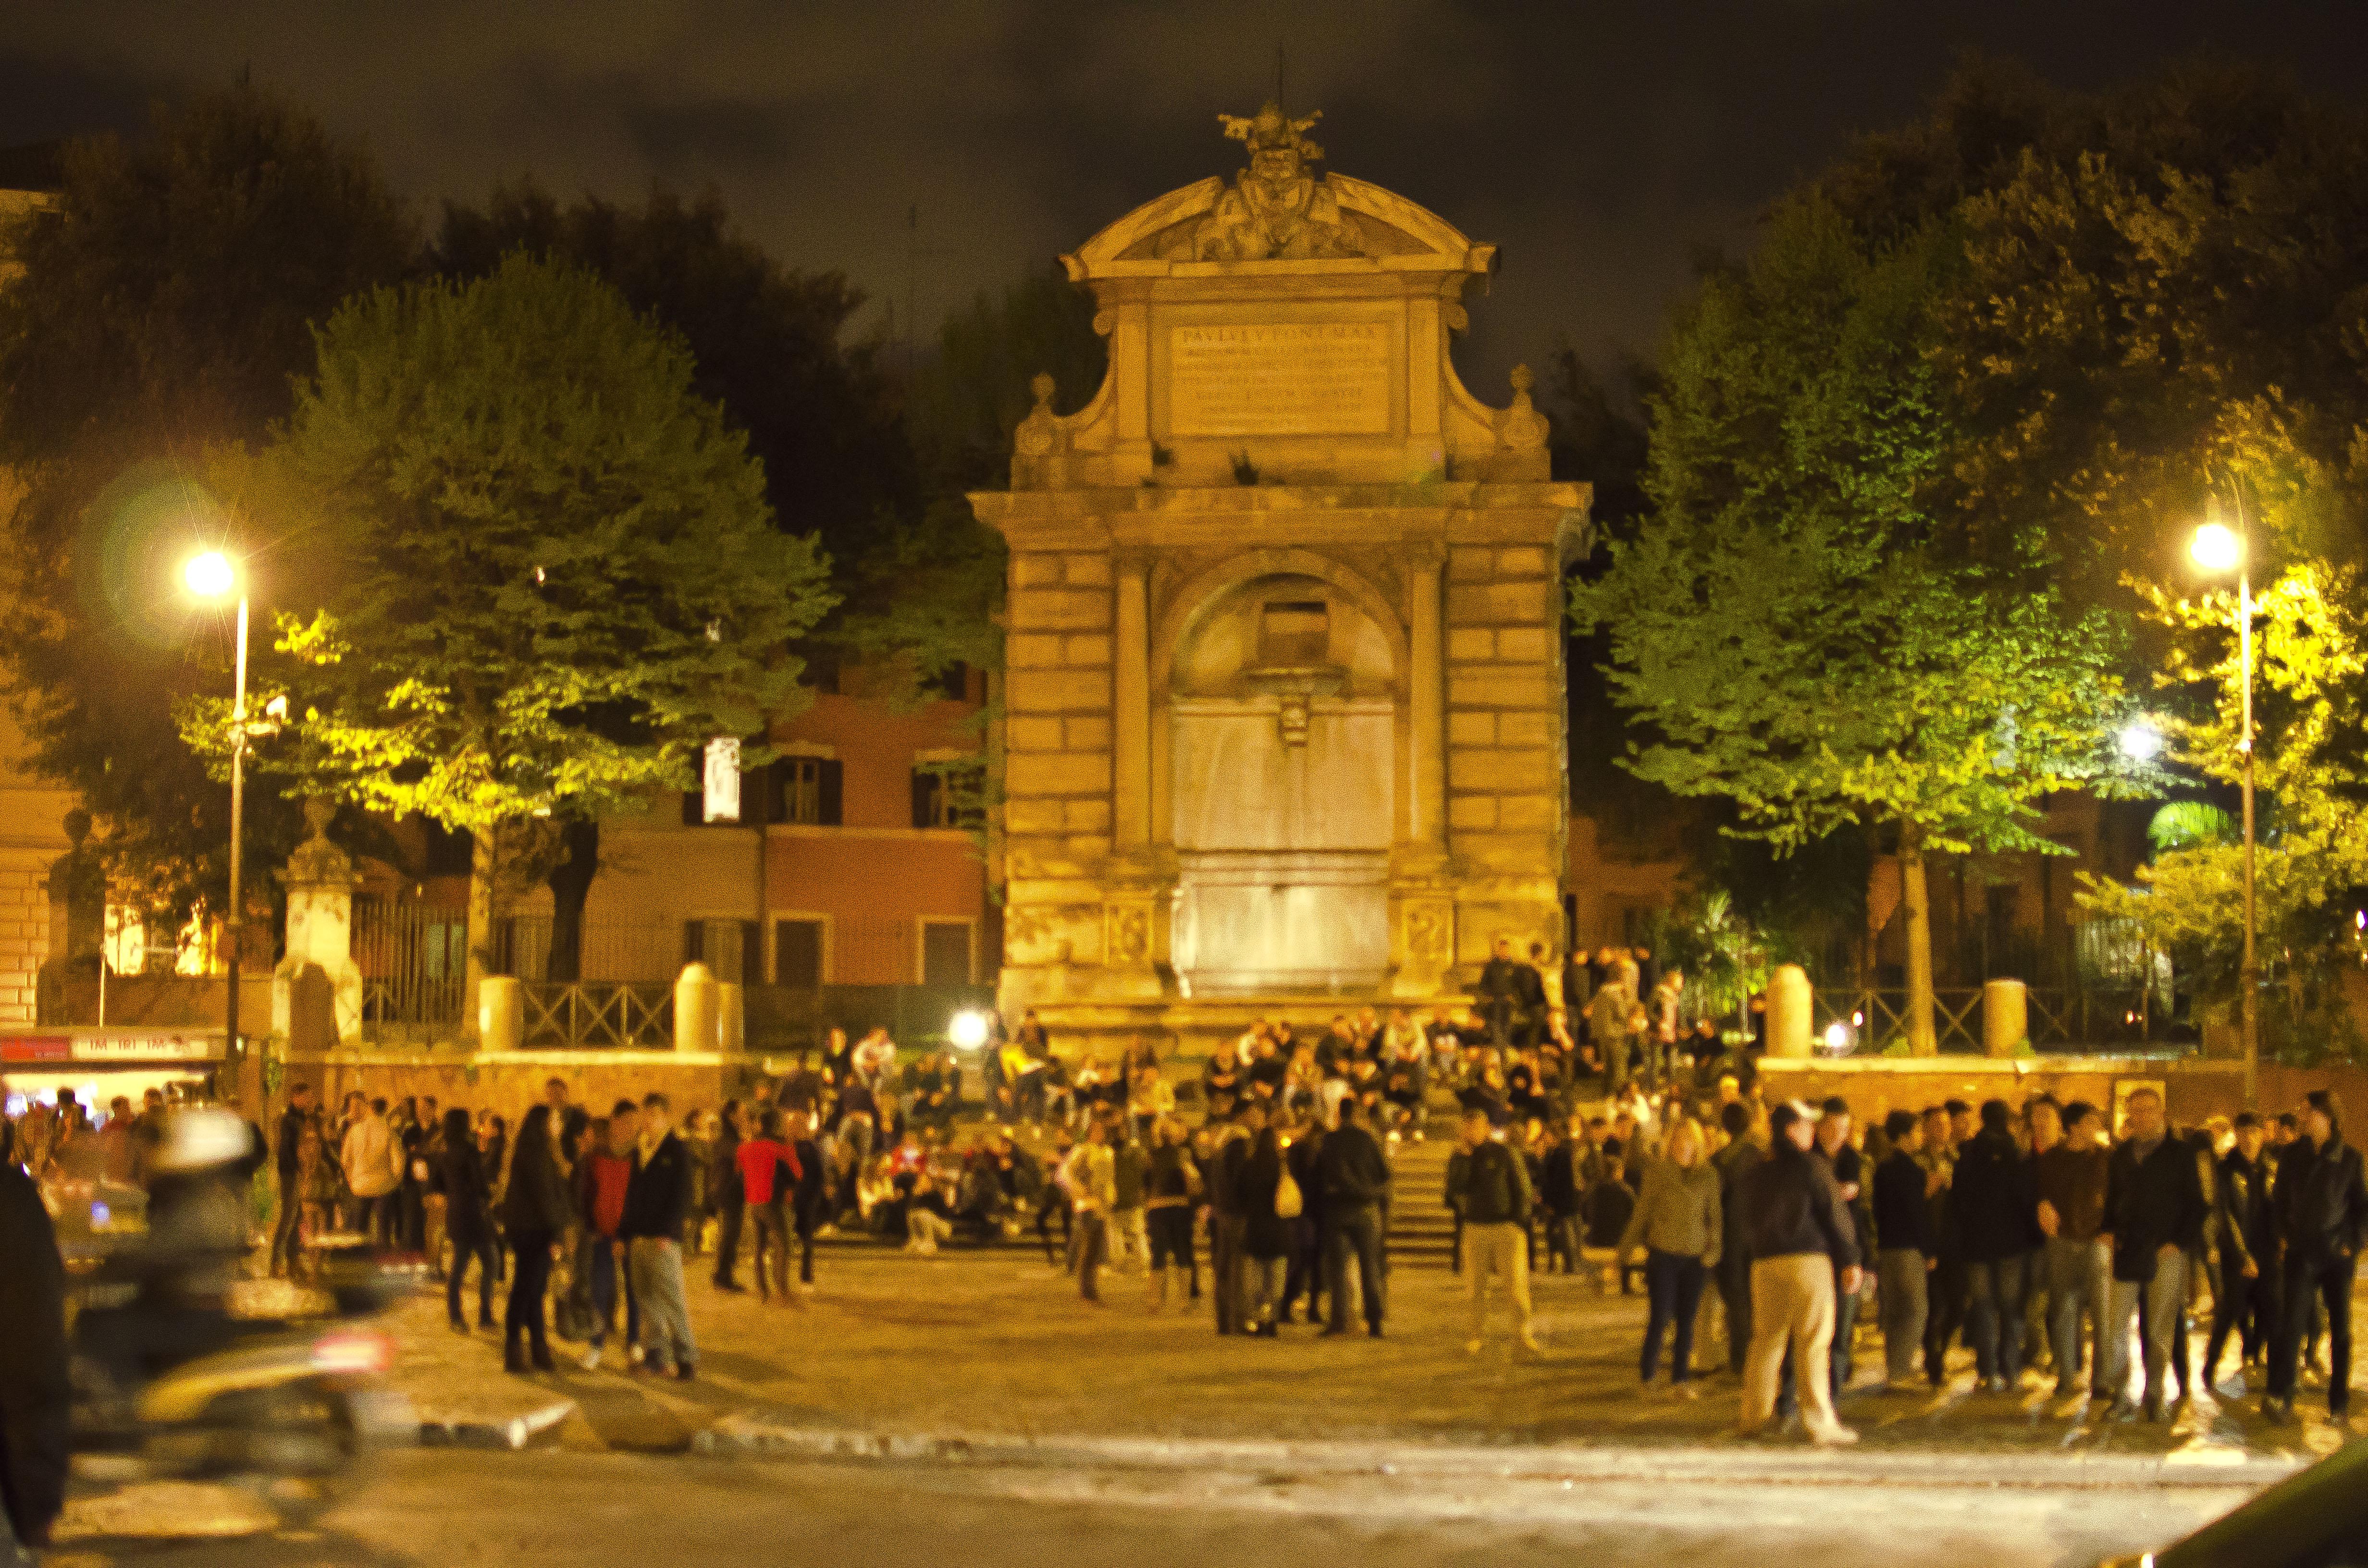 visita guidata notturna a Trastevere da Piazza Trilussa all'isola tiberina